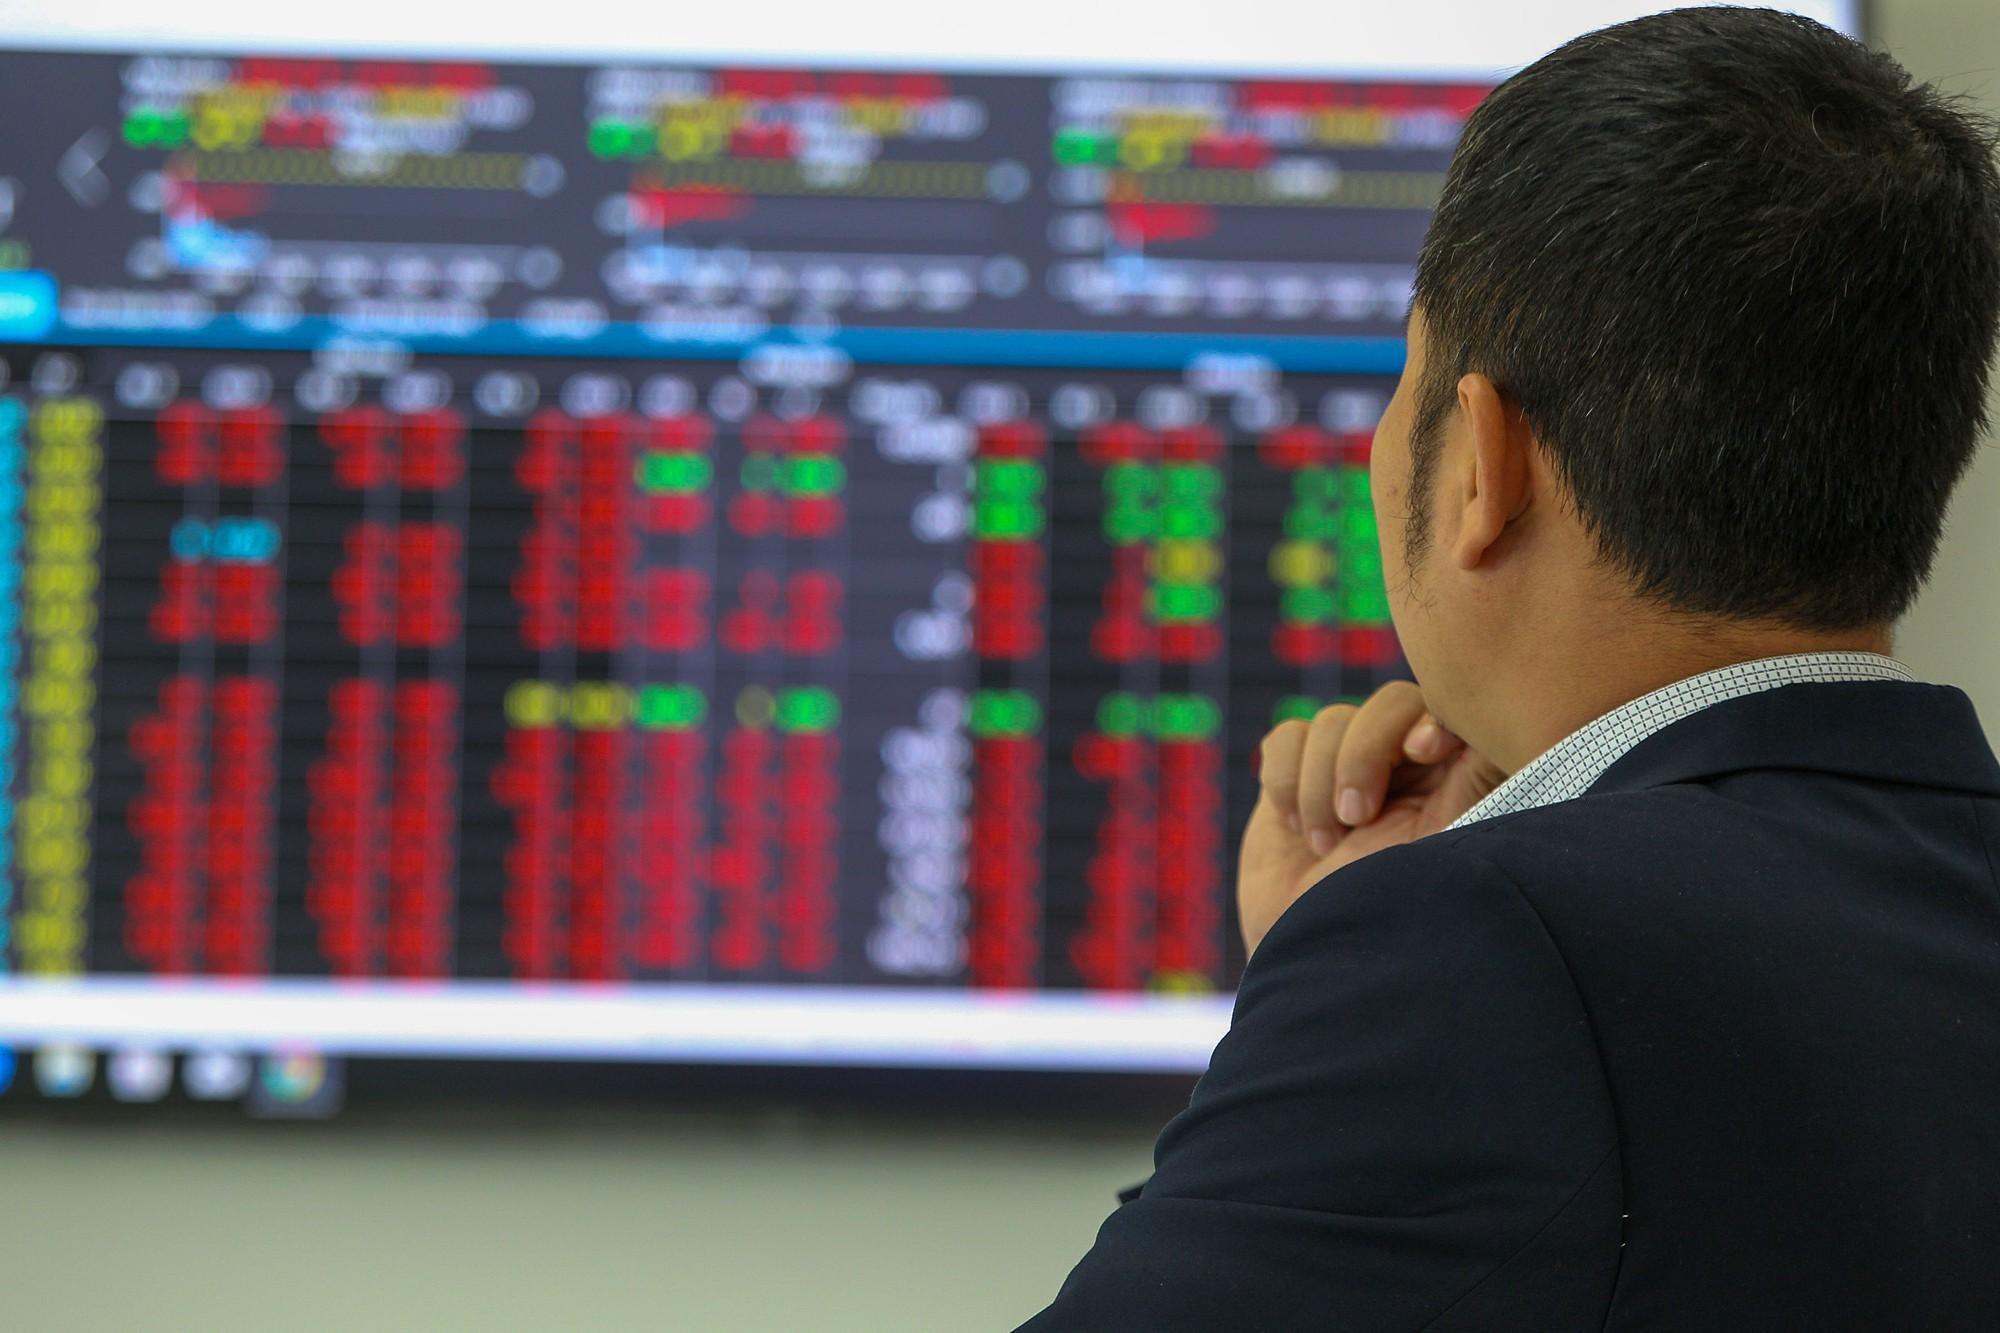 Thị trường chứng khoán không phải là để cho những suy nghĩ áp đặt